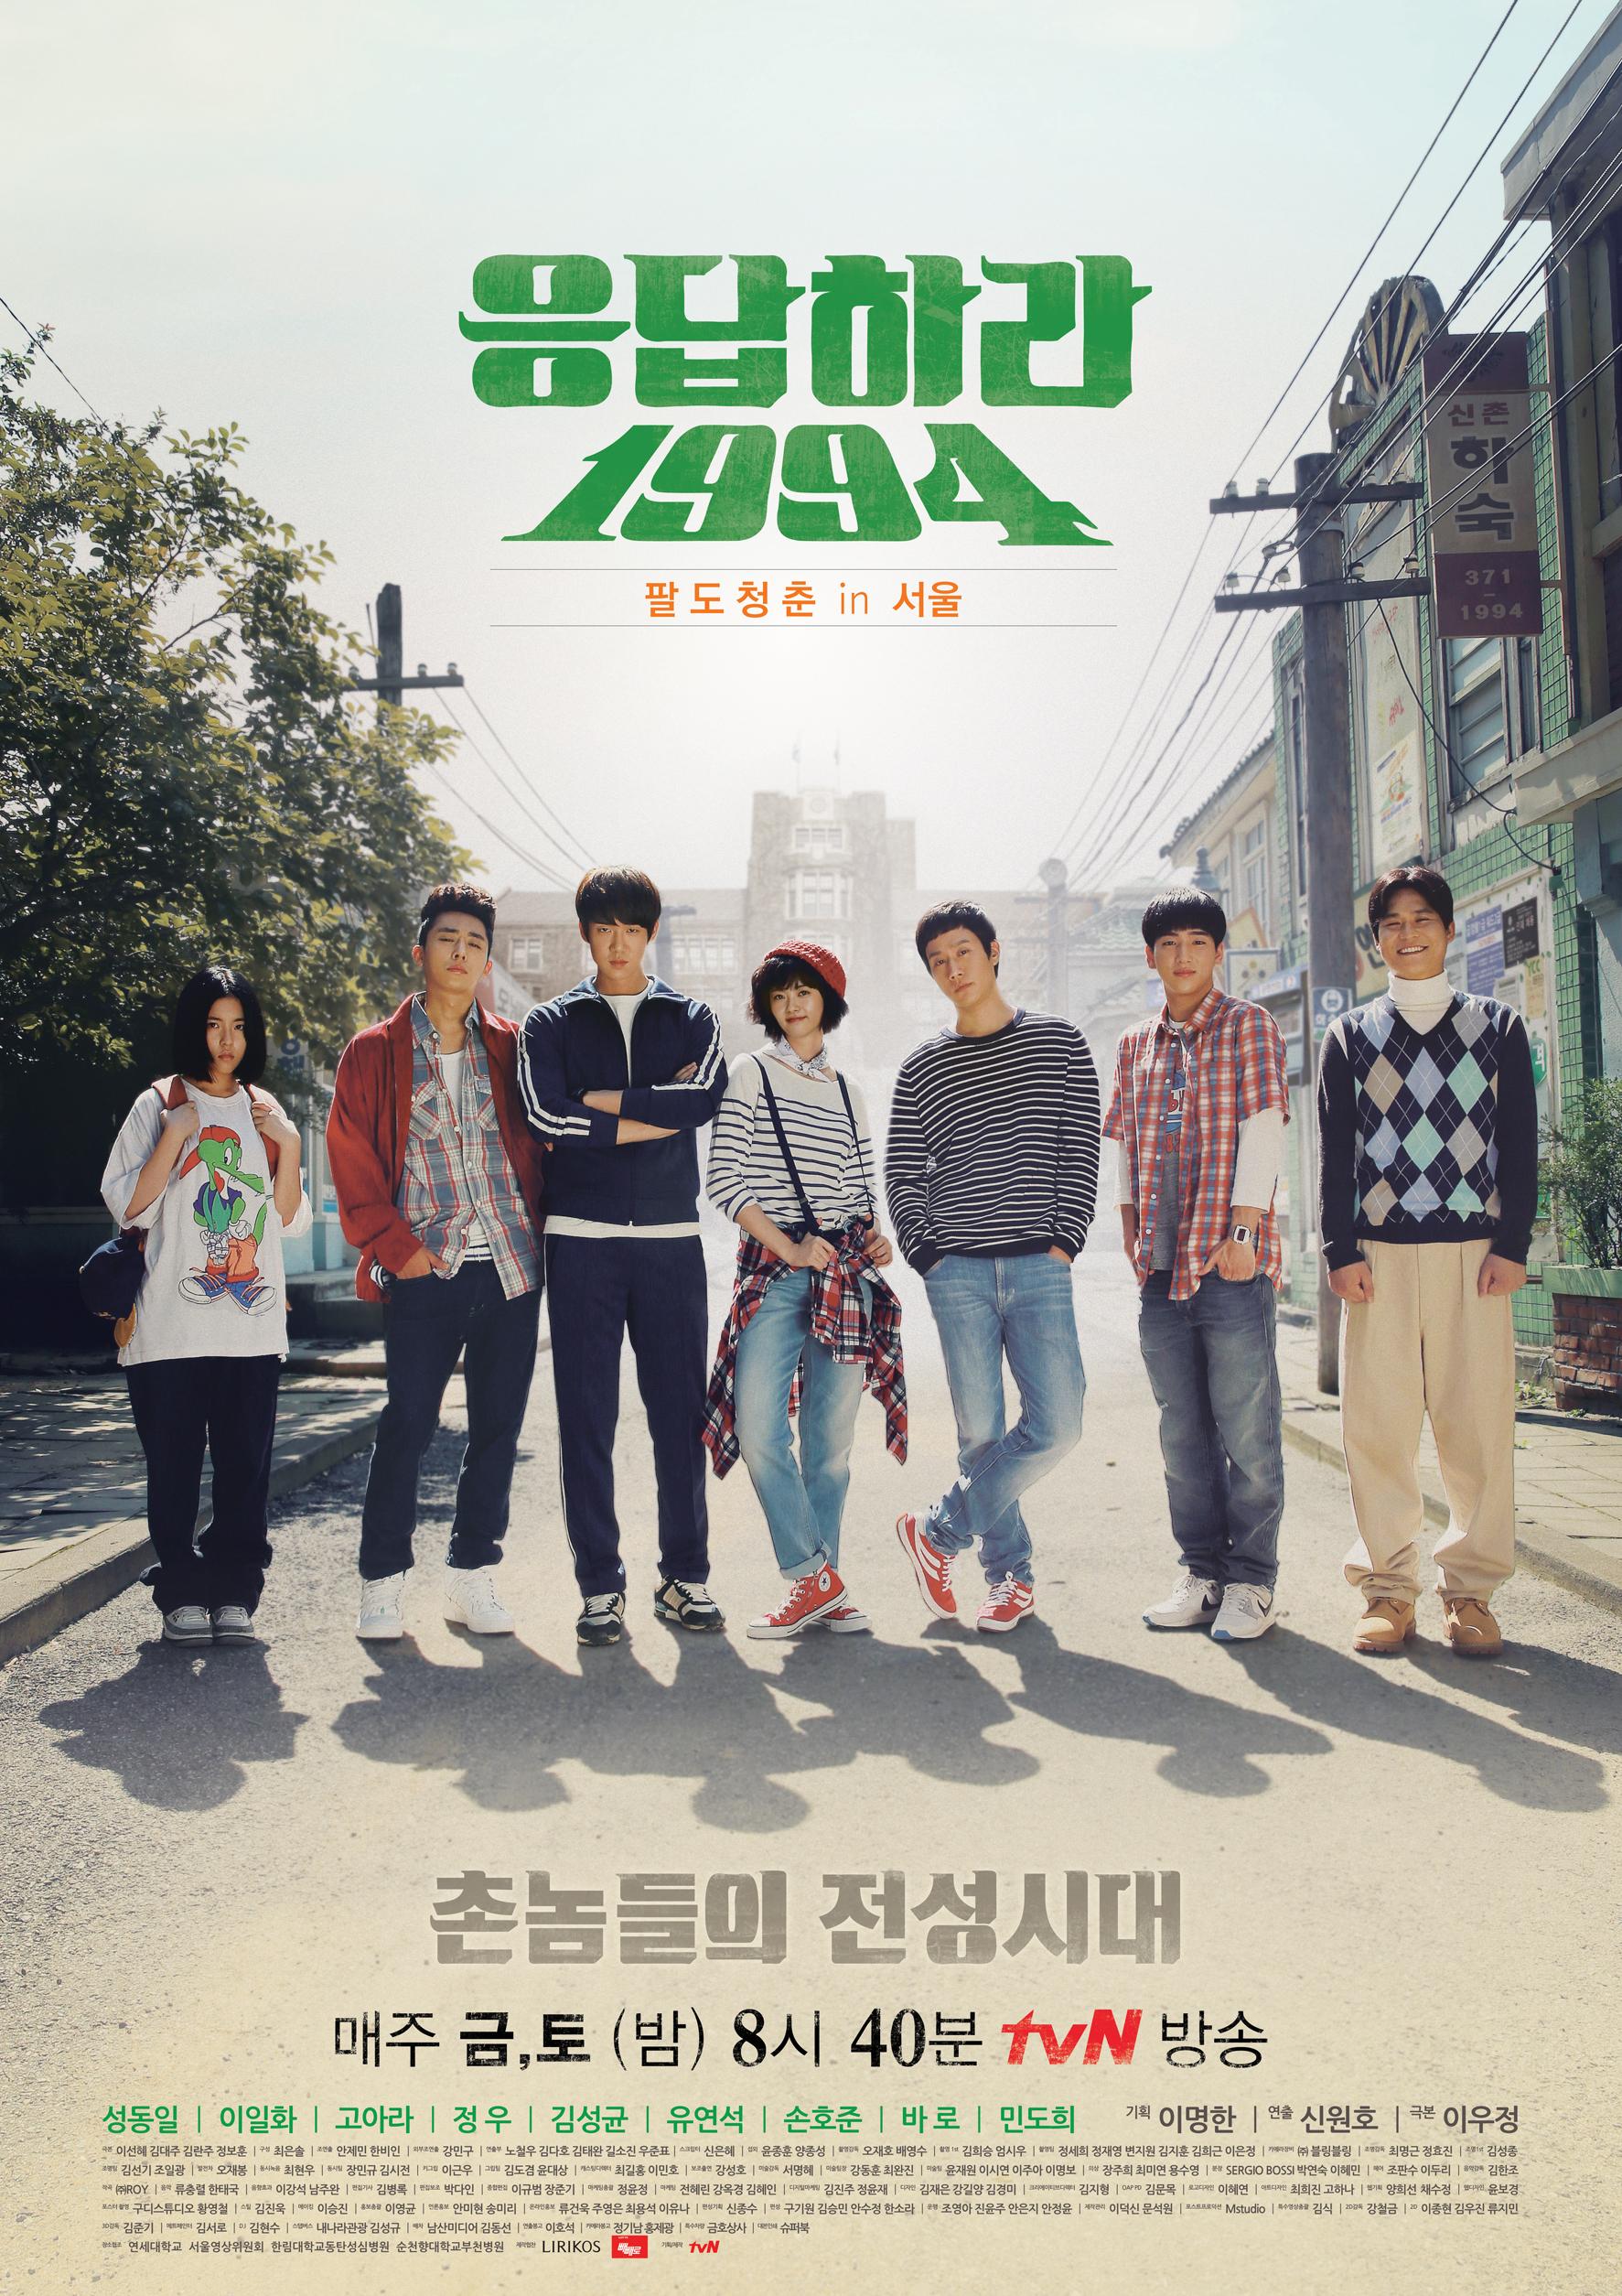 第3名-《請回答1994 》 是的!說到tvN的代表好戲怎麼可以錯過請回答系列 讓人回起90年代的純真和引起七封和垃圾哥兩派人馬激烈討論 刷新tvN戲劇最高收視的人氣保證!